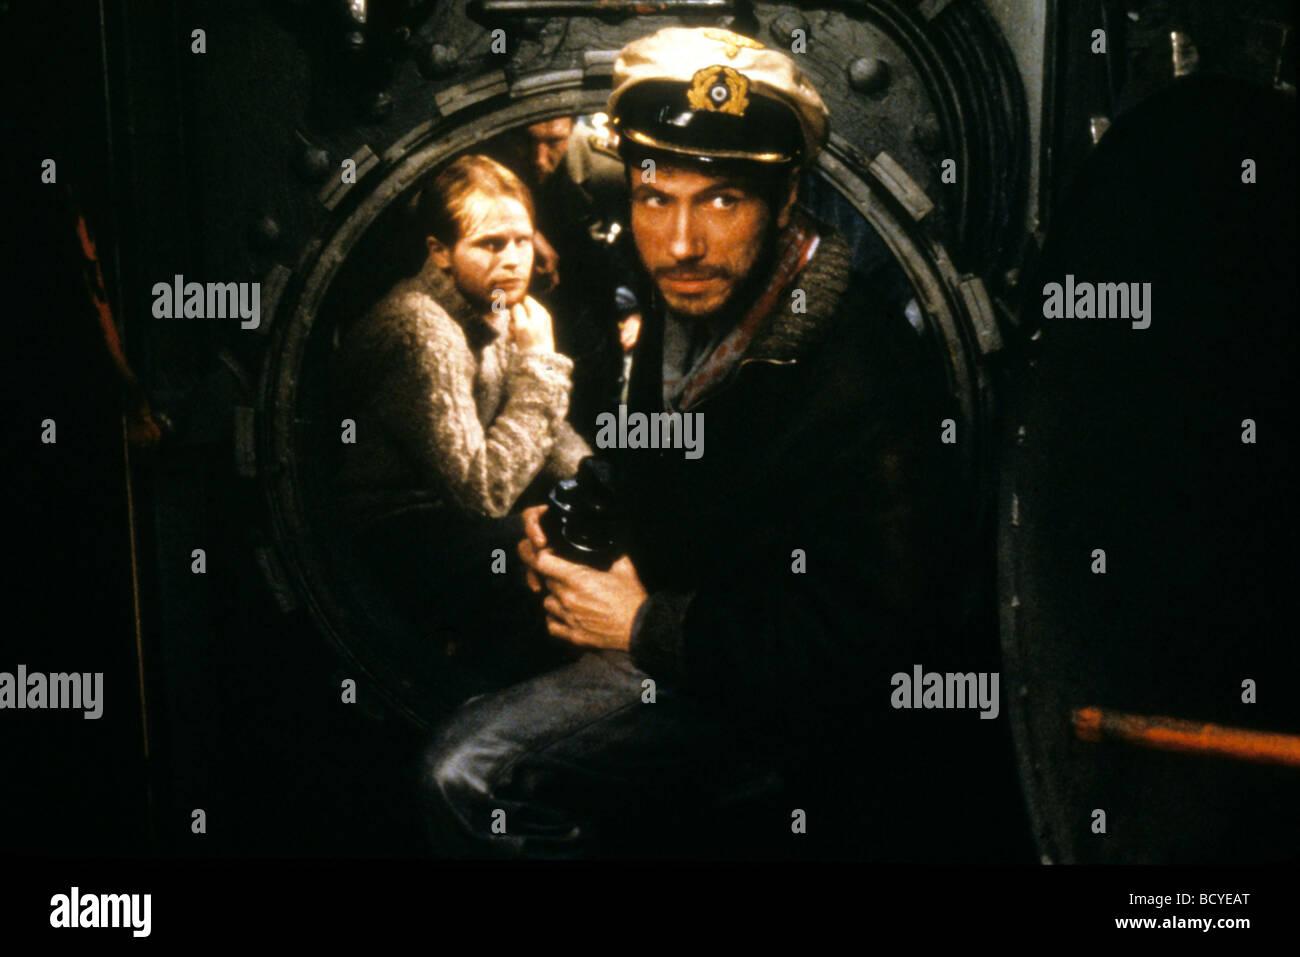 Das Boot Year :1981 Director : Wolfgang Petersen Jurgen Prochnow, - Stock Image